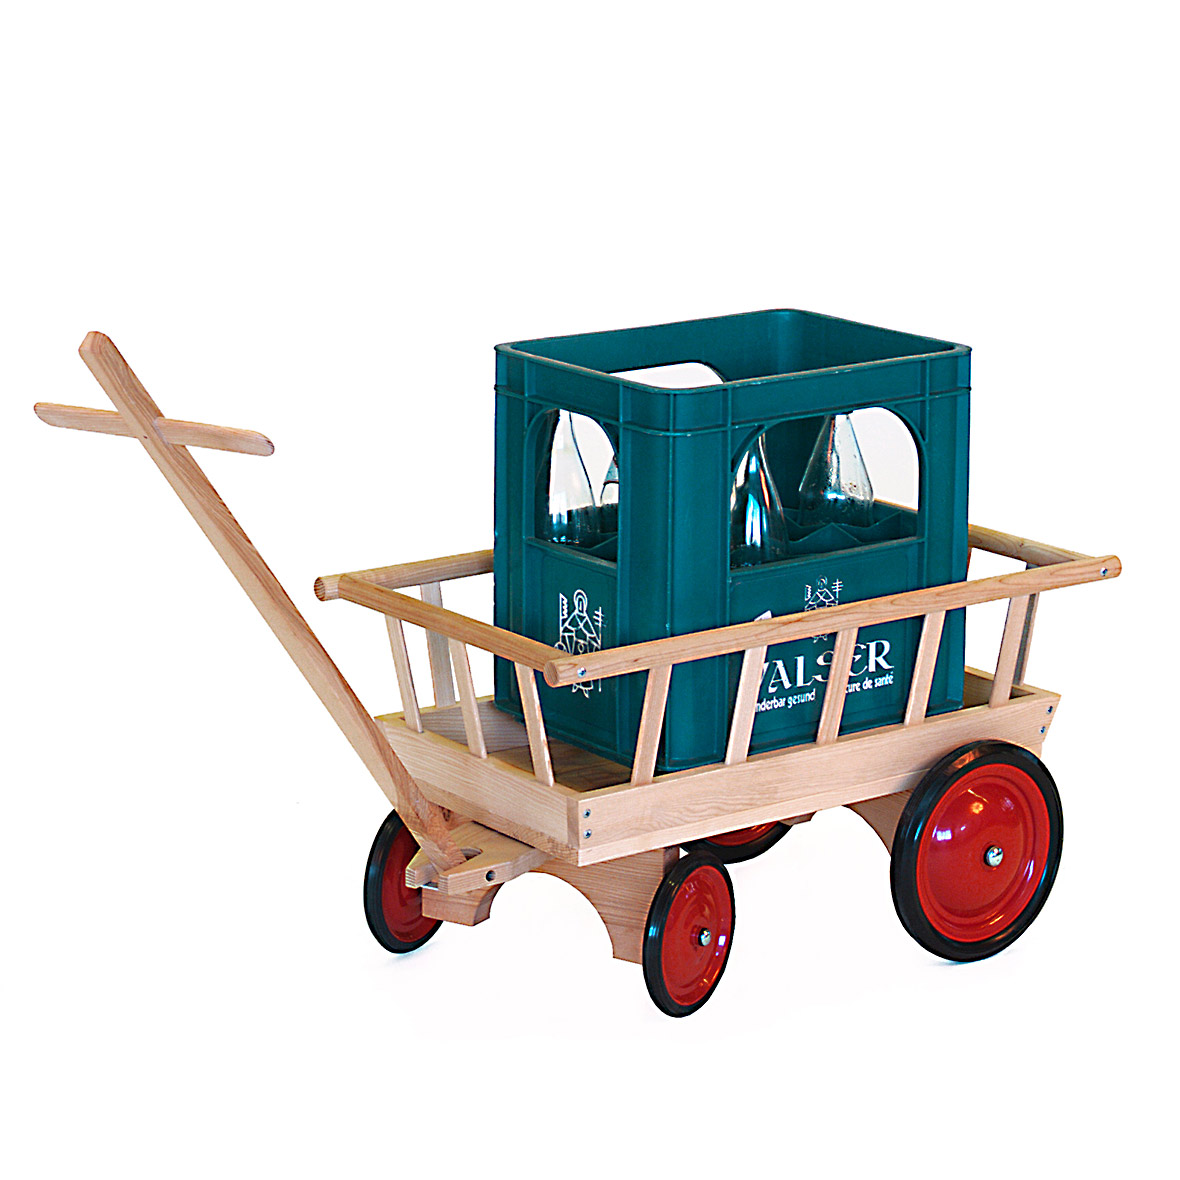 leiterwagen klein für kinder von contact arbeit holz + textil